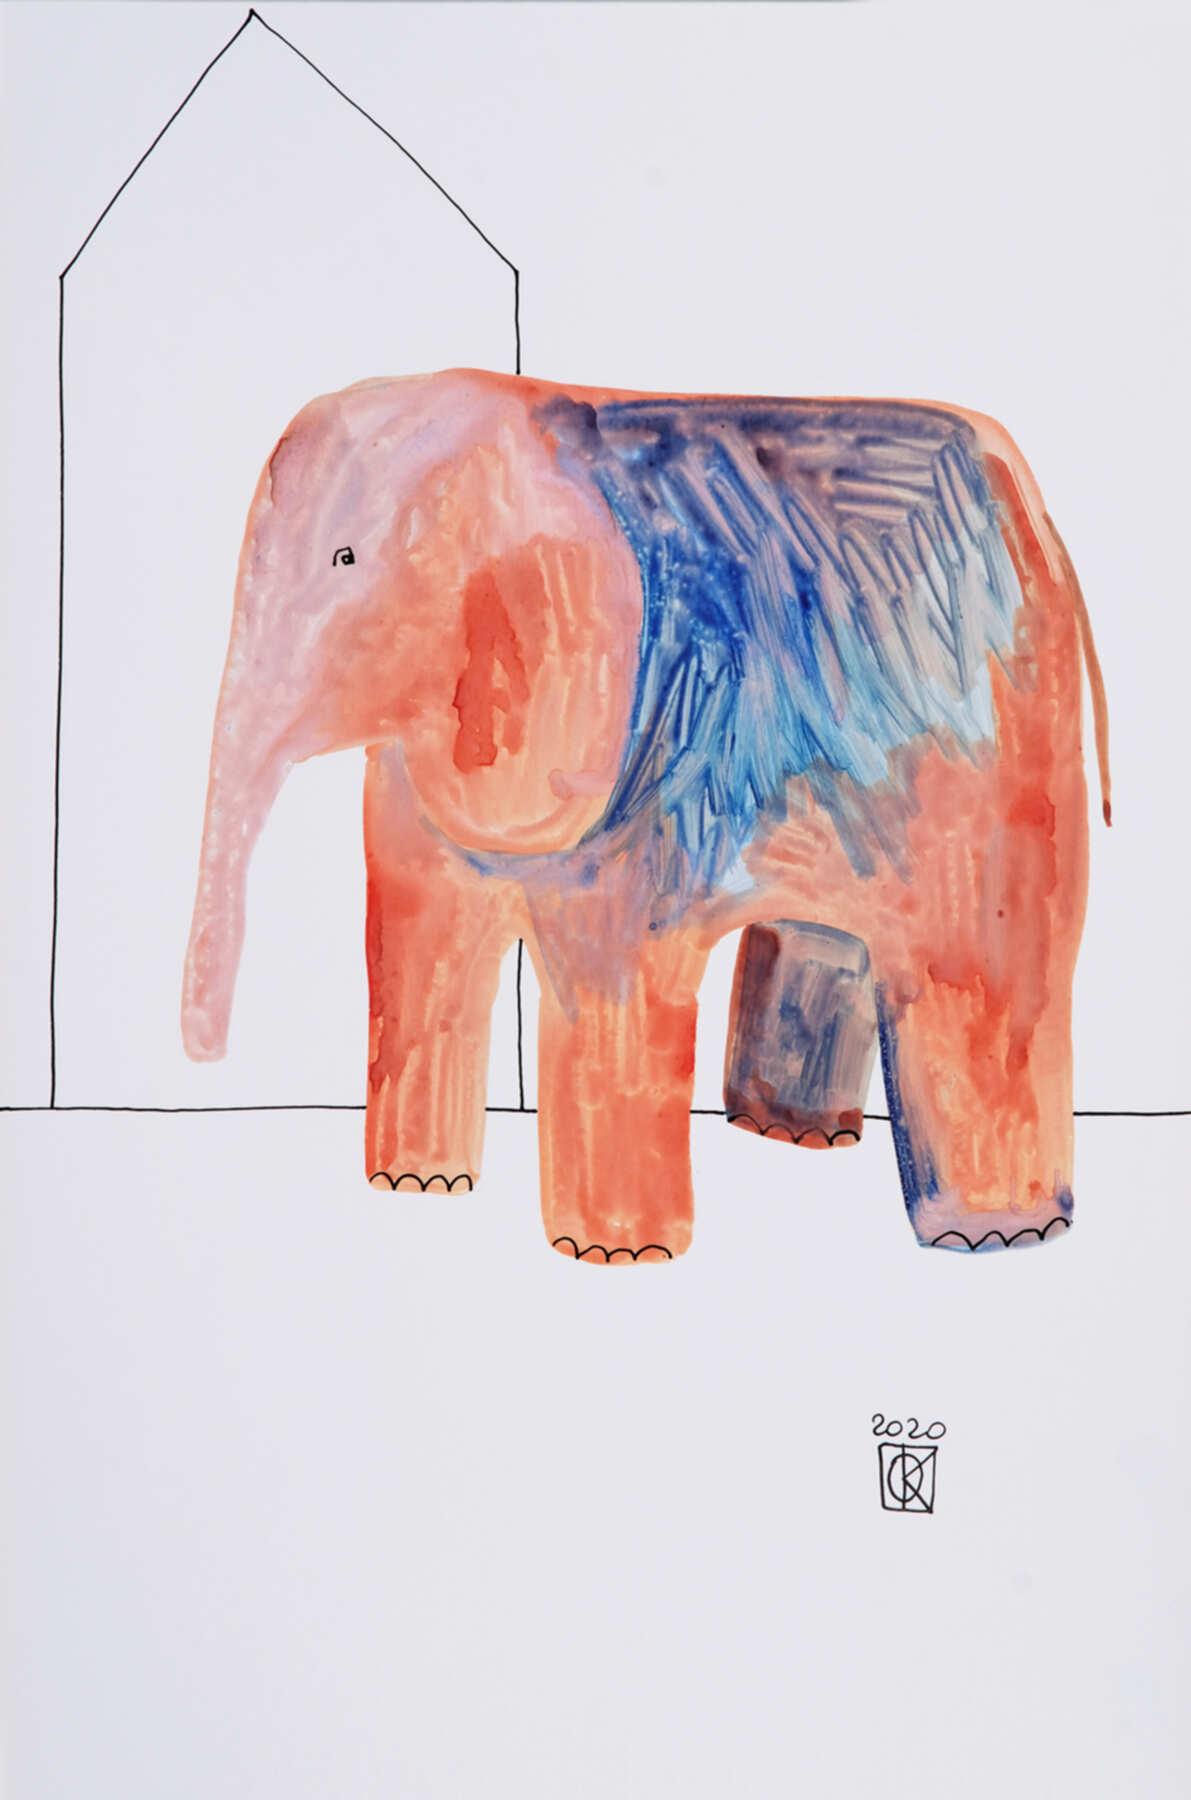 Современная графика с изображением розово-синего слона